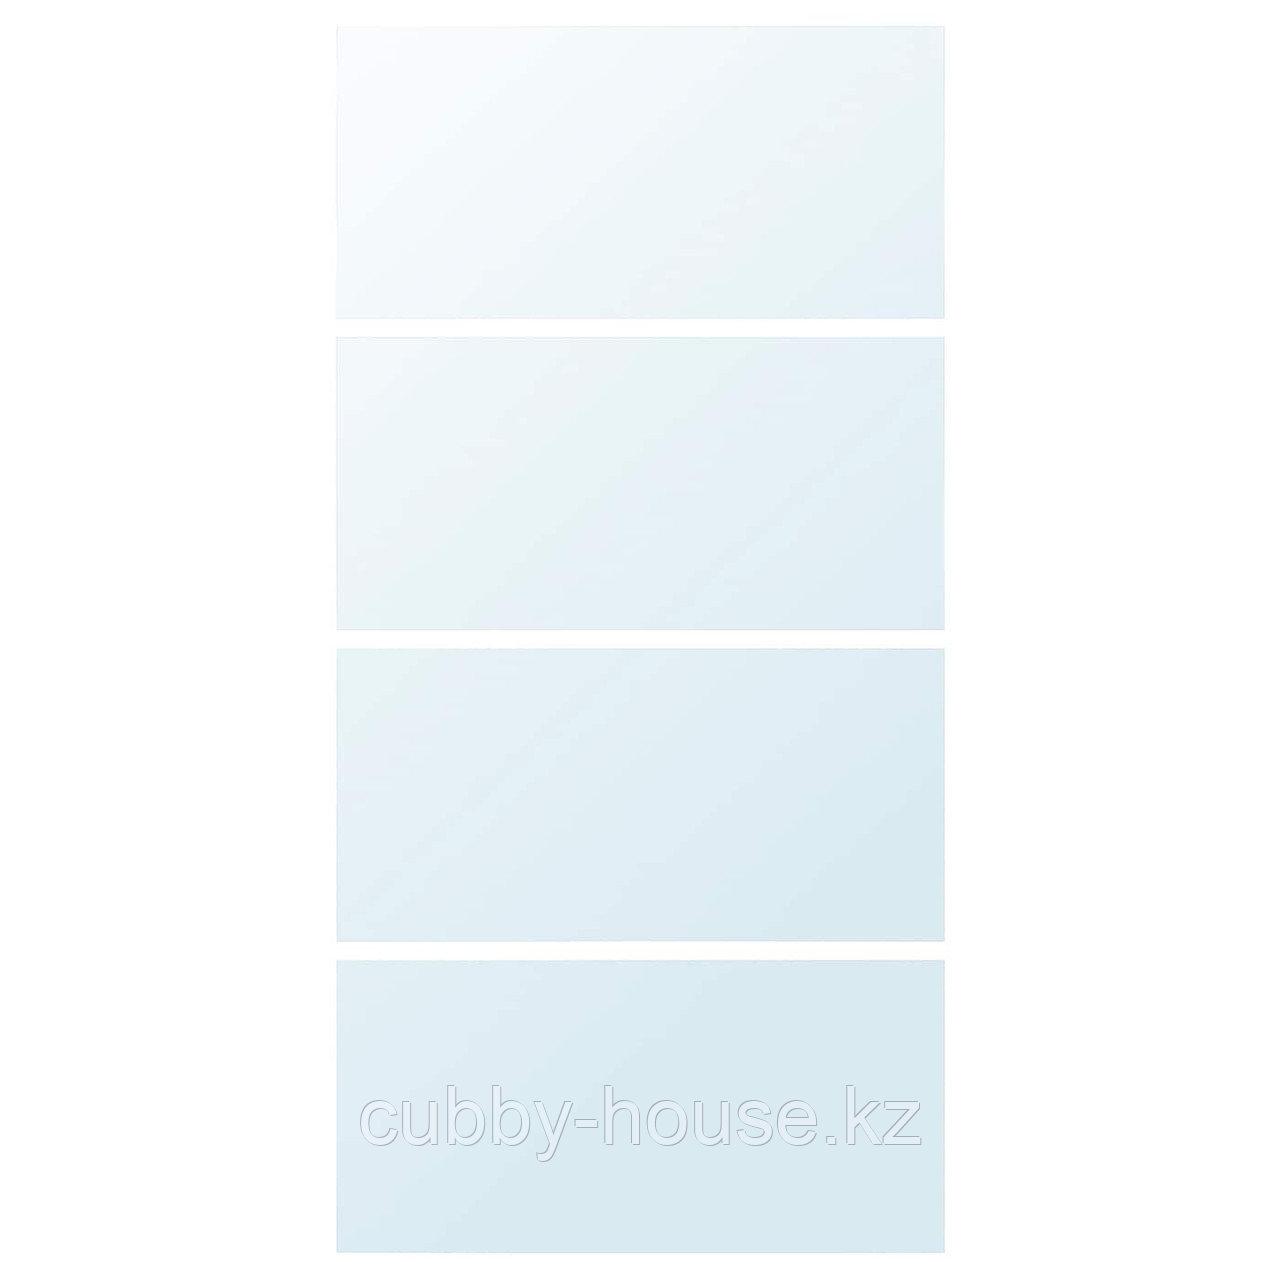 АУЛИ 4 панели д/рамы раздвижной дверцы, зеркальное стекло, 75x236 см